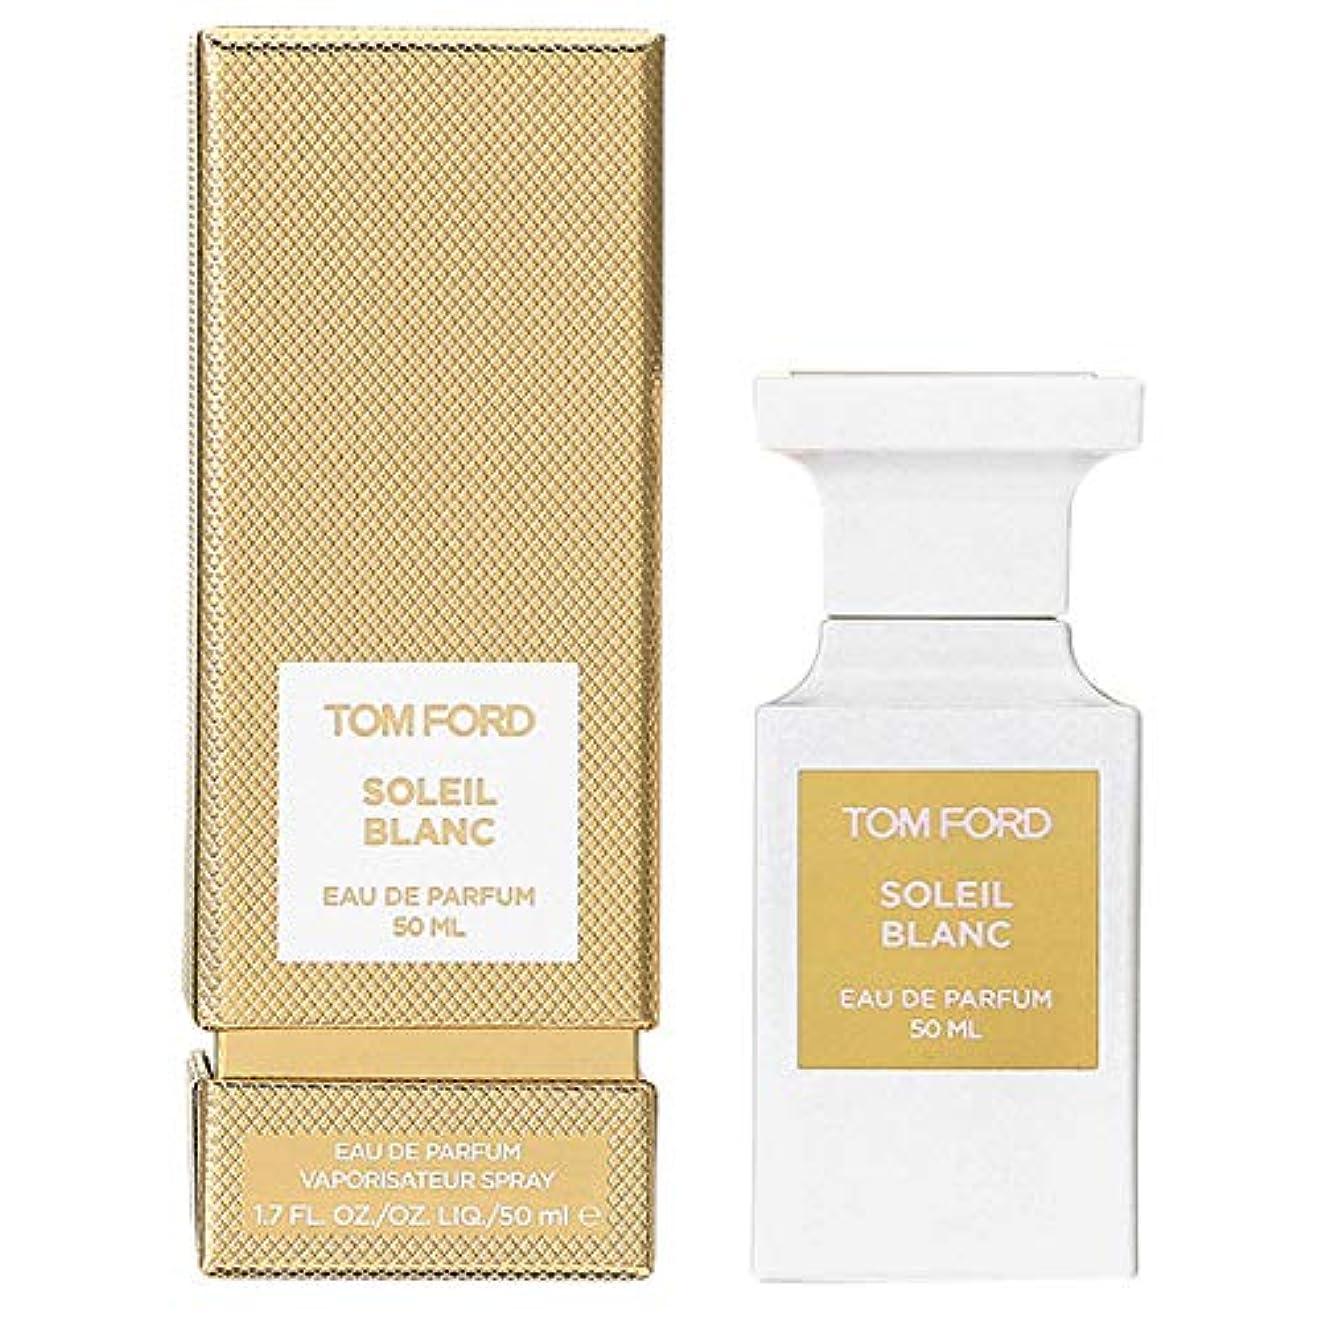 トム フォード ビューティ TOM FORD BEAUTY ソレイユ ブラン オード パルファム スプレィ EDP 50mL 【並行輸入品】